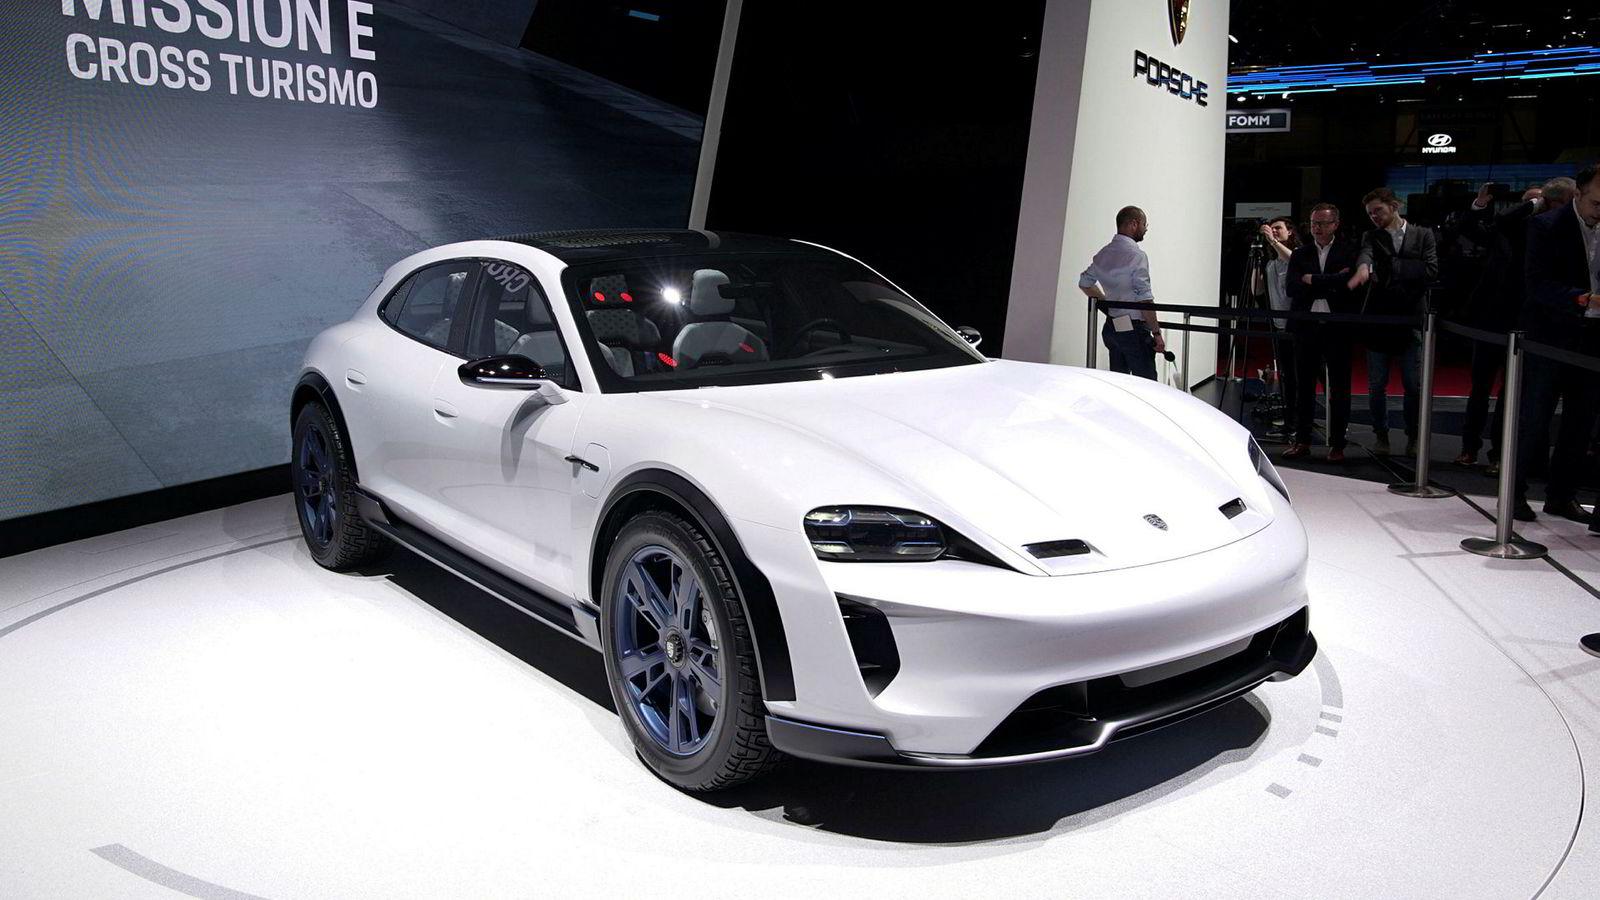 Her er Porsche Mission E Cross Turismo under bilutstillingen i Genève i mars i år.